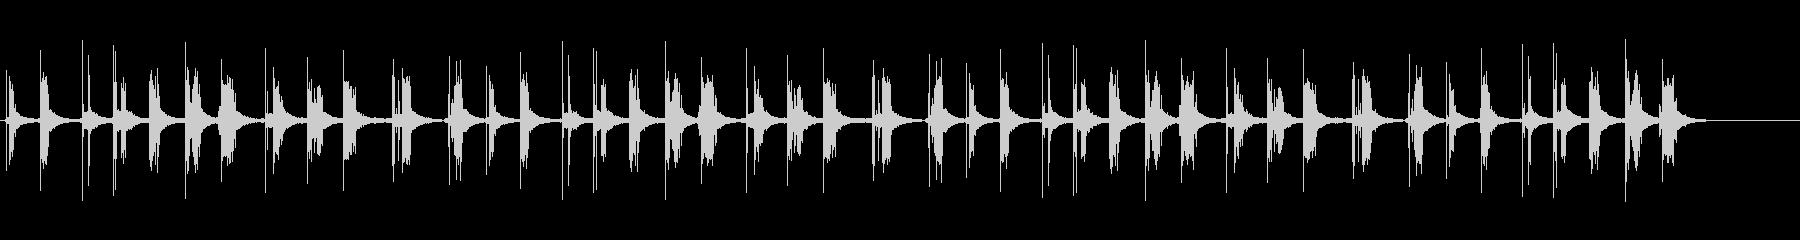 アーク溶接の雰囲気の未再生の波形